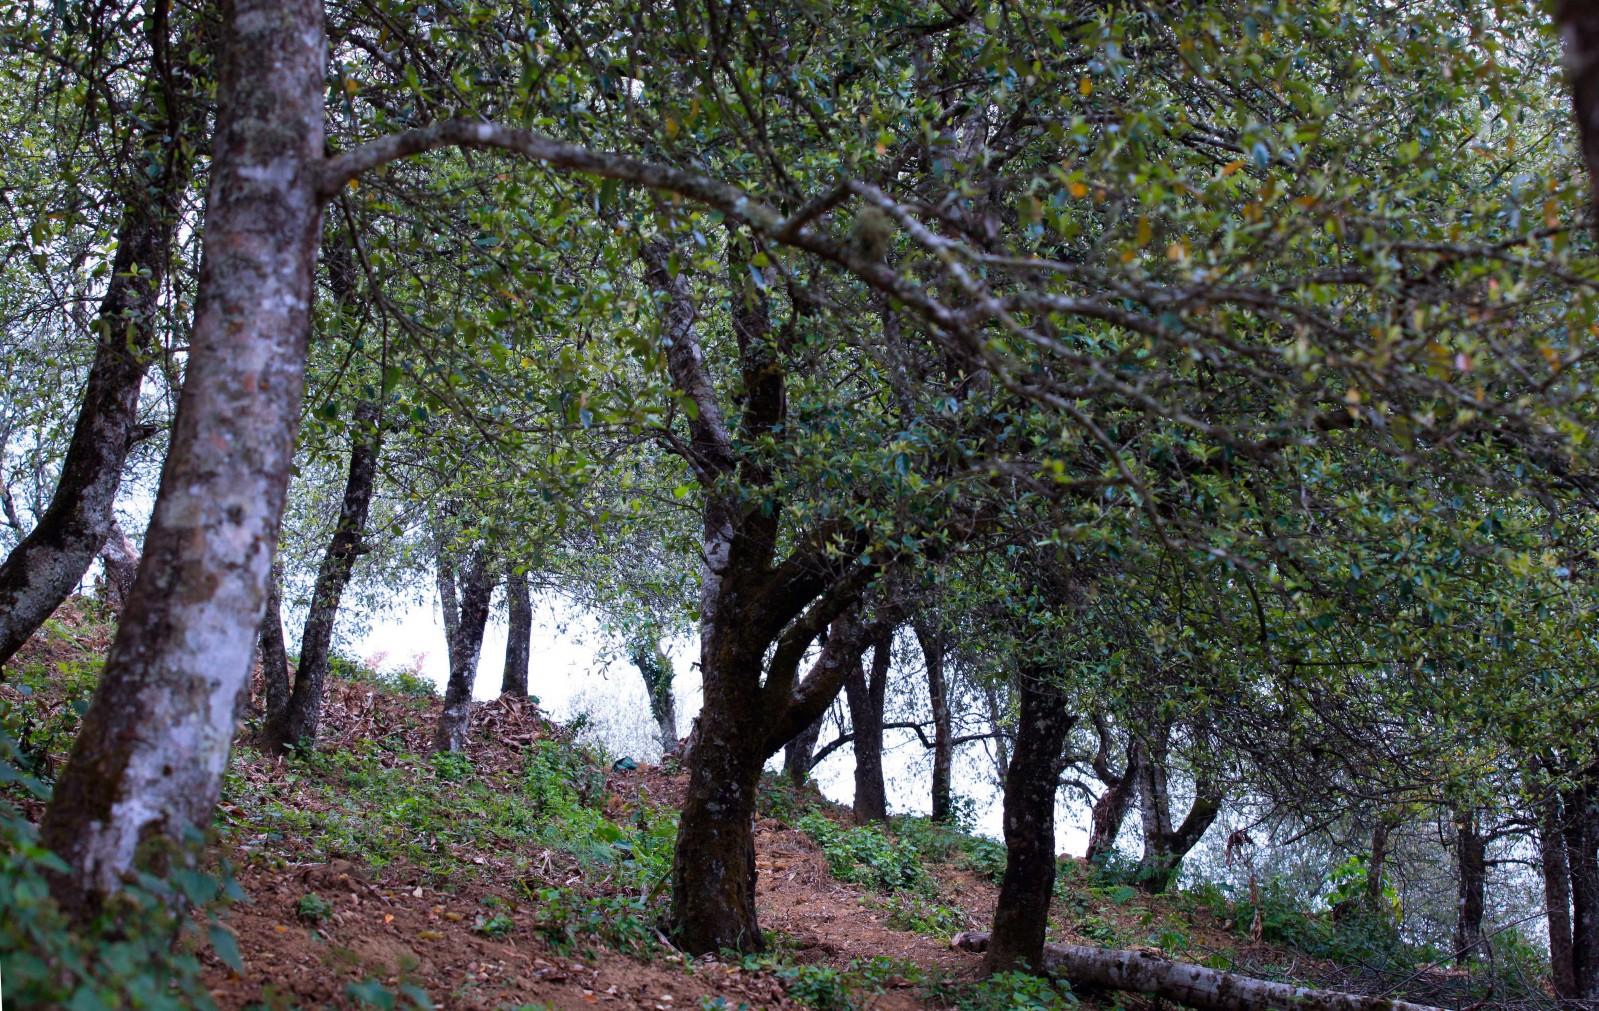 Khí hậu và thổ nhưỡng ở Xím Vàng, Hang Chú) phù hợp để những cánh rừng táo mèo sinh trưởng và thường ra hoa, kết trái dịp cuối tháng Ba, đầu tháng Tư.